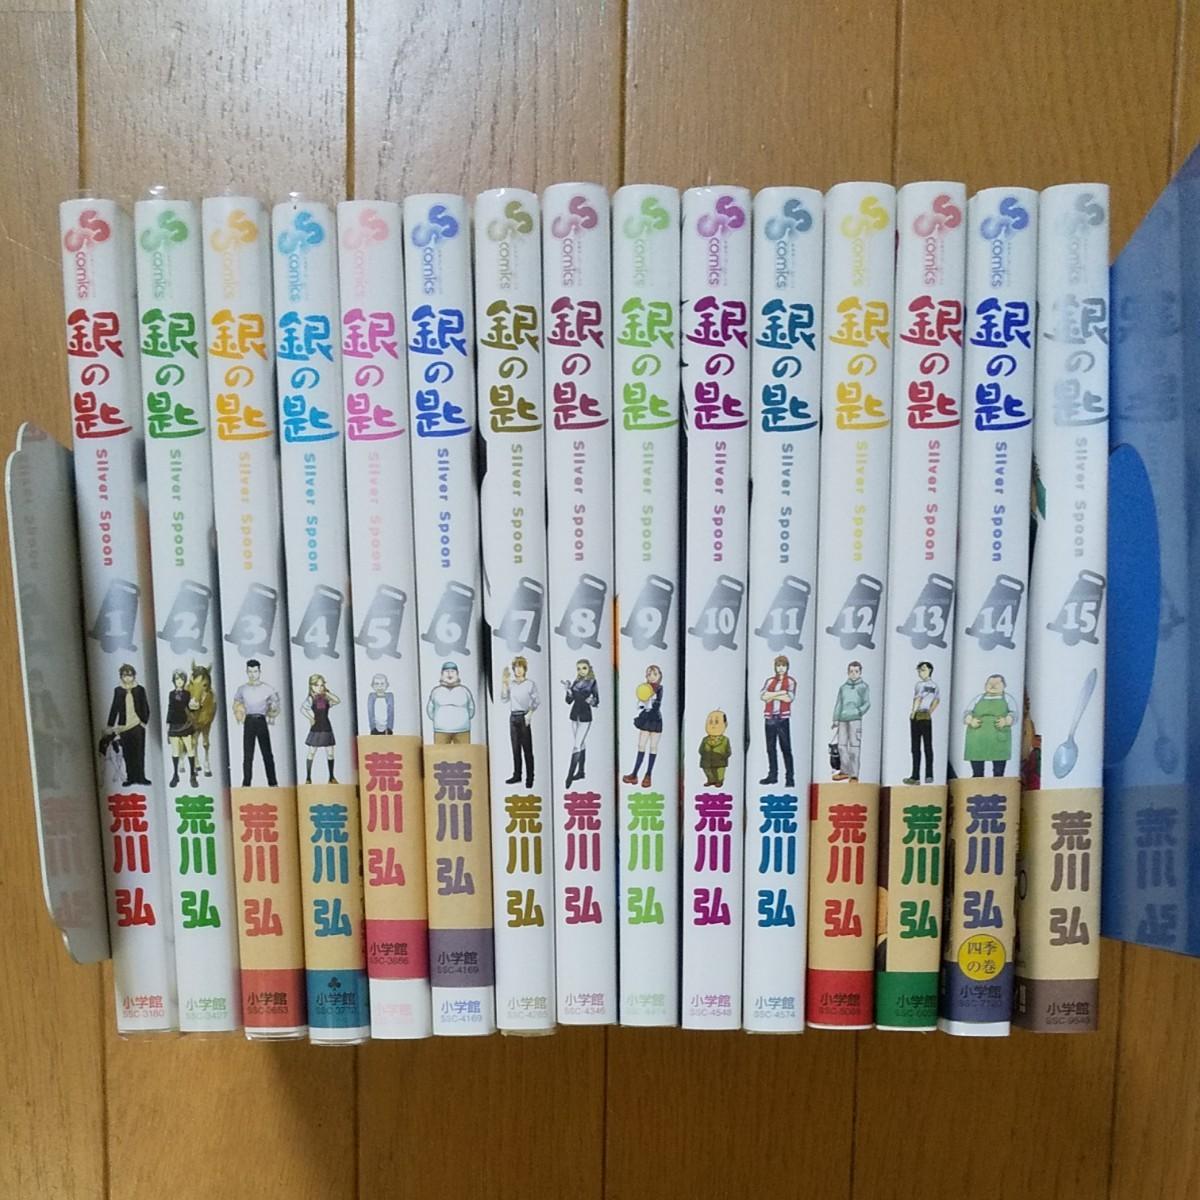 少年サンデーコミックス 荒川弘 「銀の匙」全巻セット(15巻)